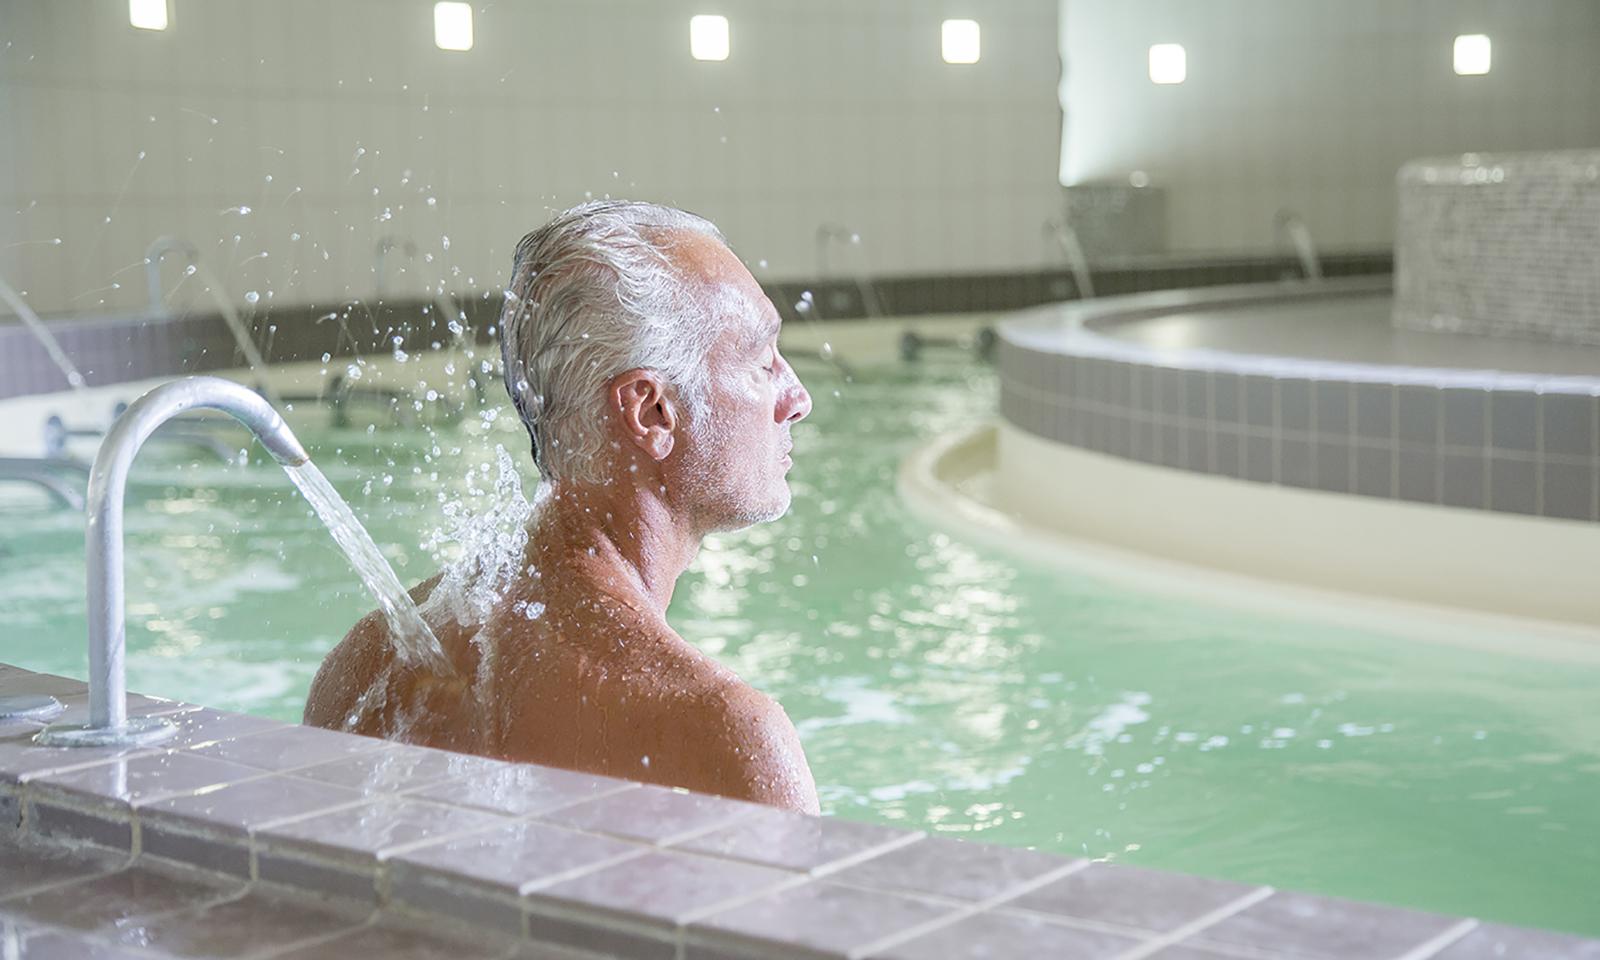 Plus de 60 ans : comment prendre soin de son corps ?